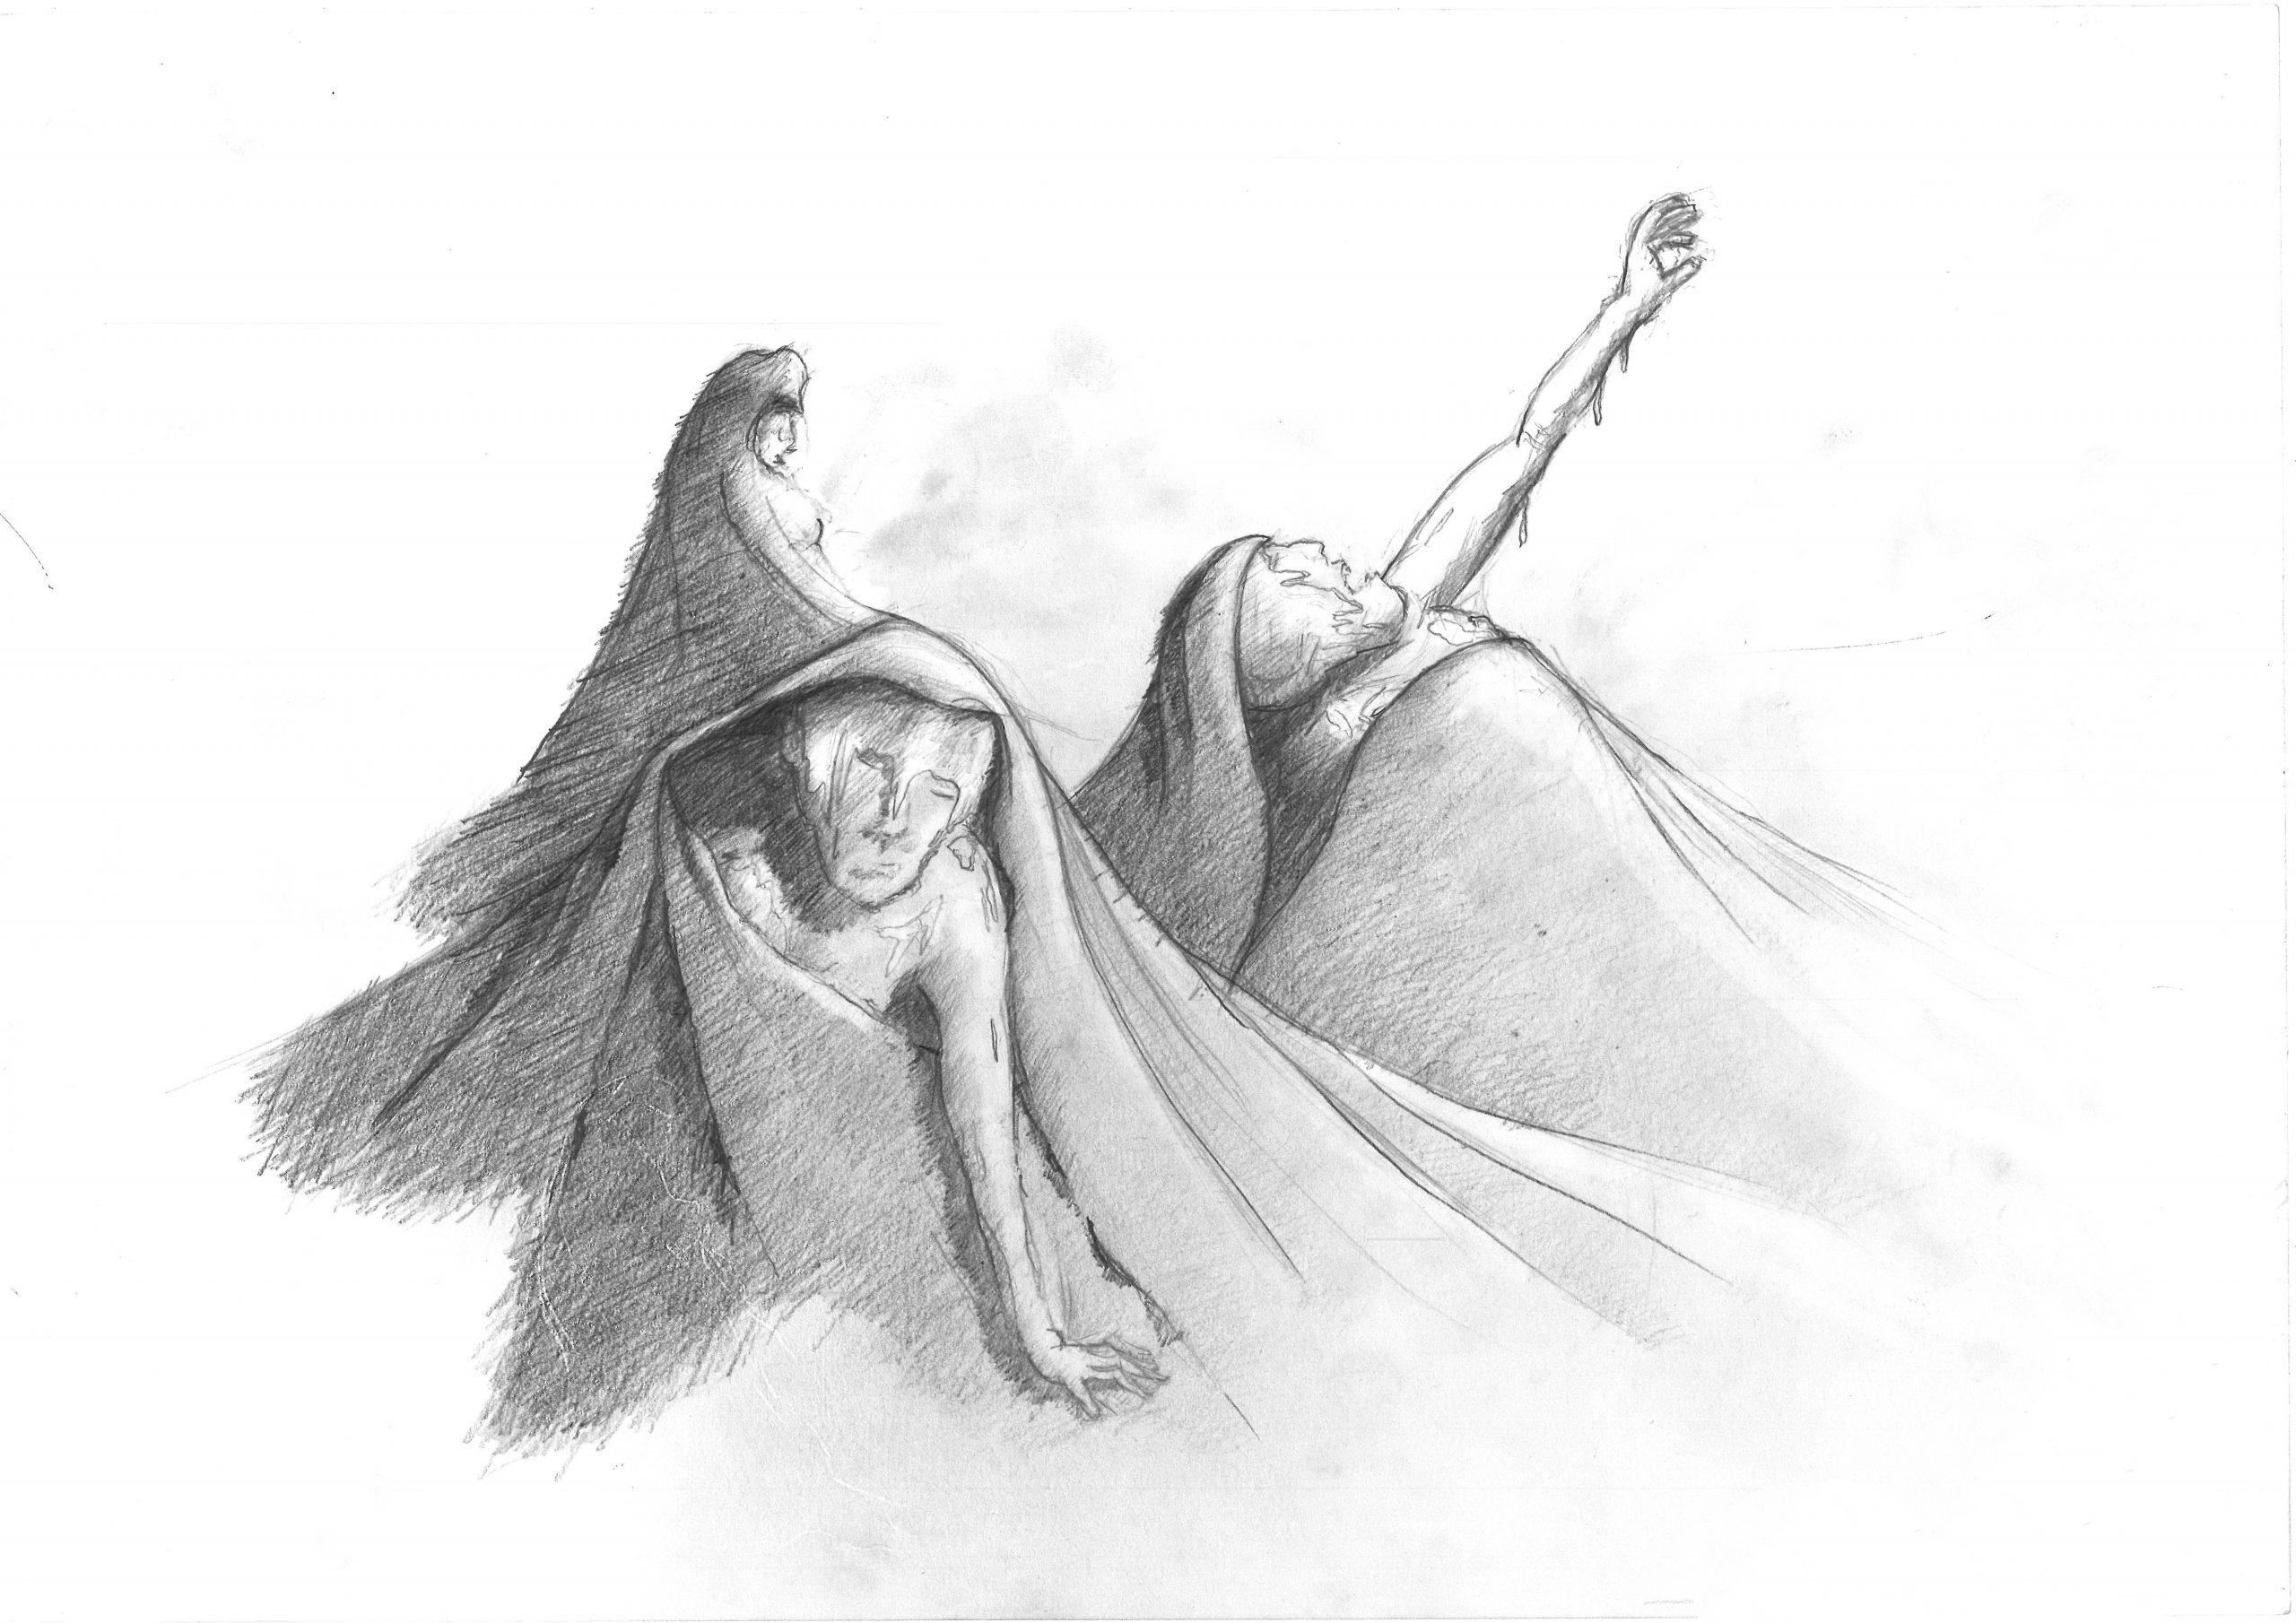 Projekt Parzival Zeichnung Geburt